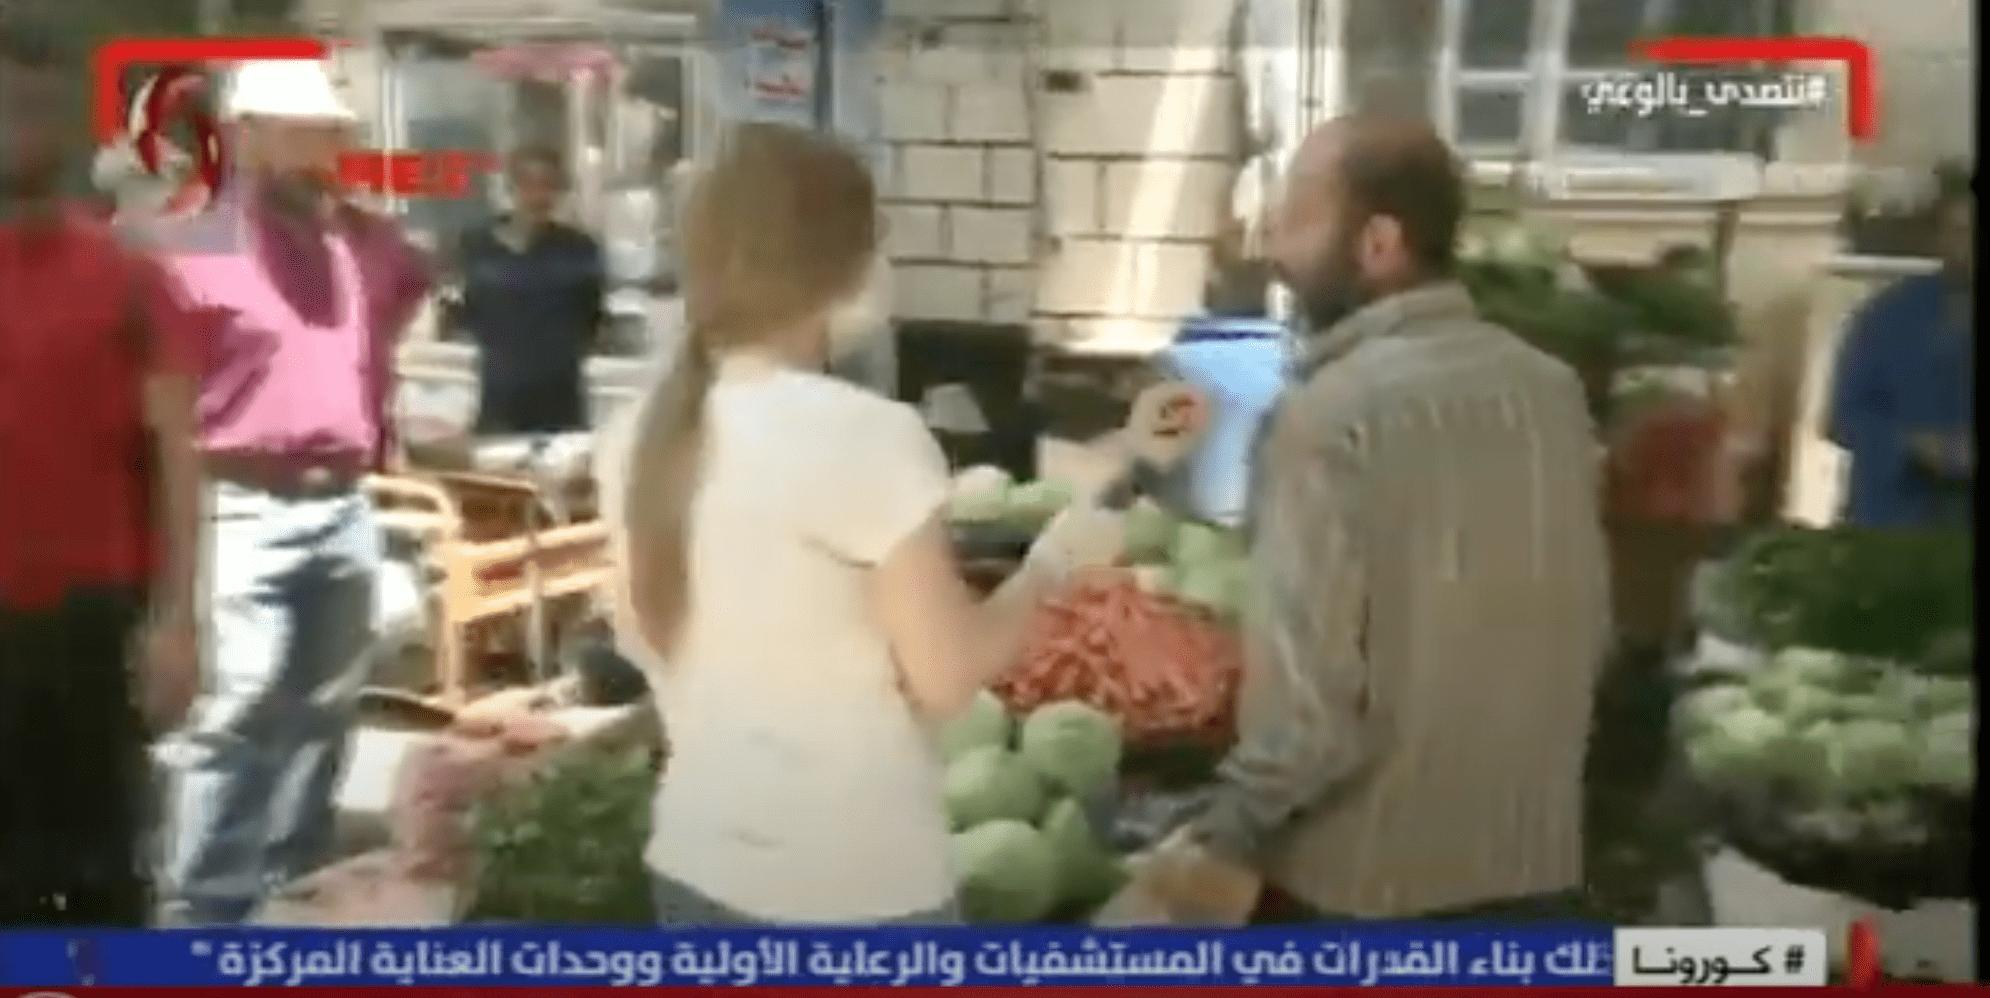 (فيديو) مراسلة أم «موظفة تموين»؟… مطاردة بين صحفيّة سوريّة وبائع خضار في دمشق